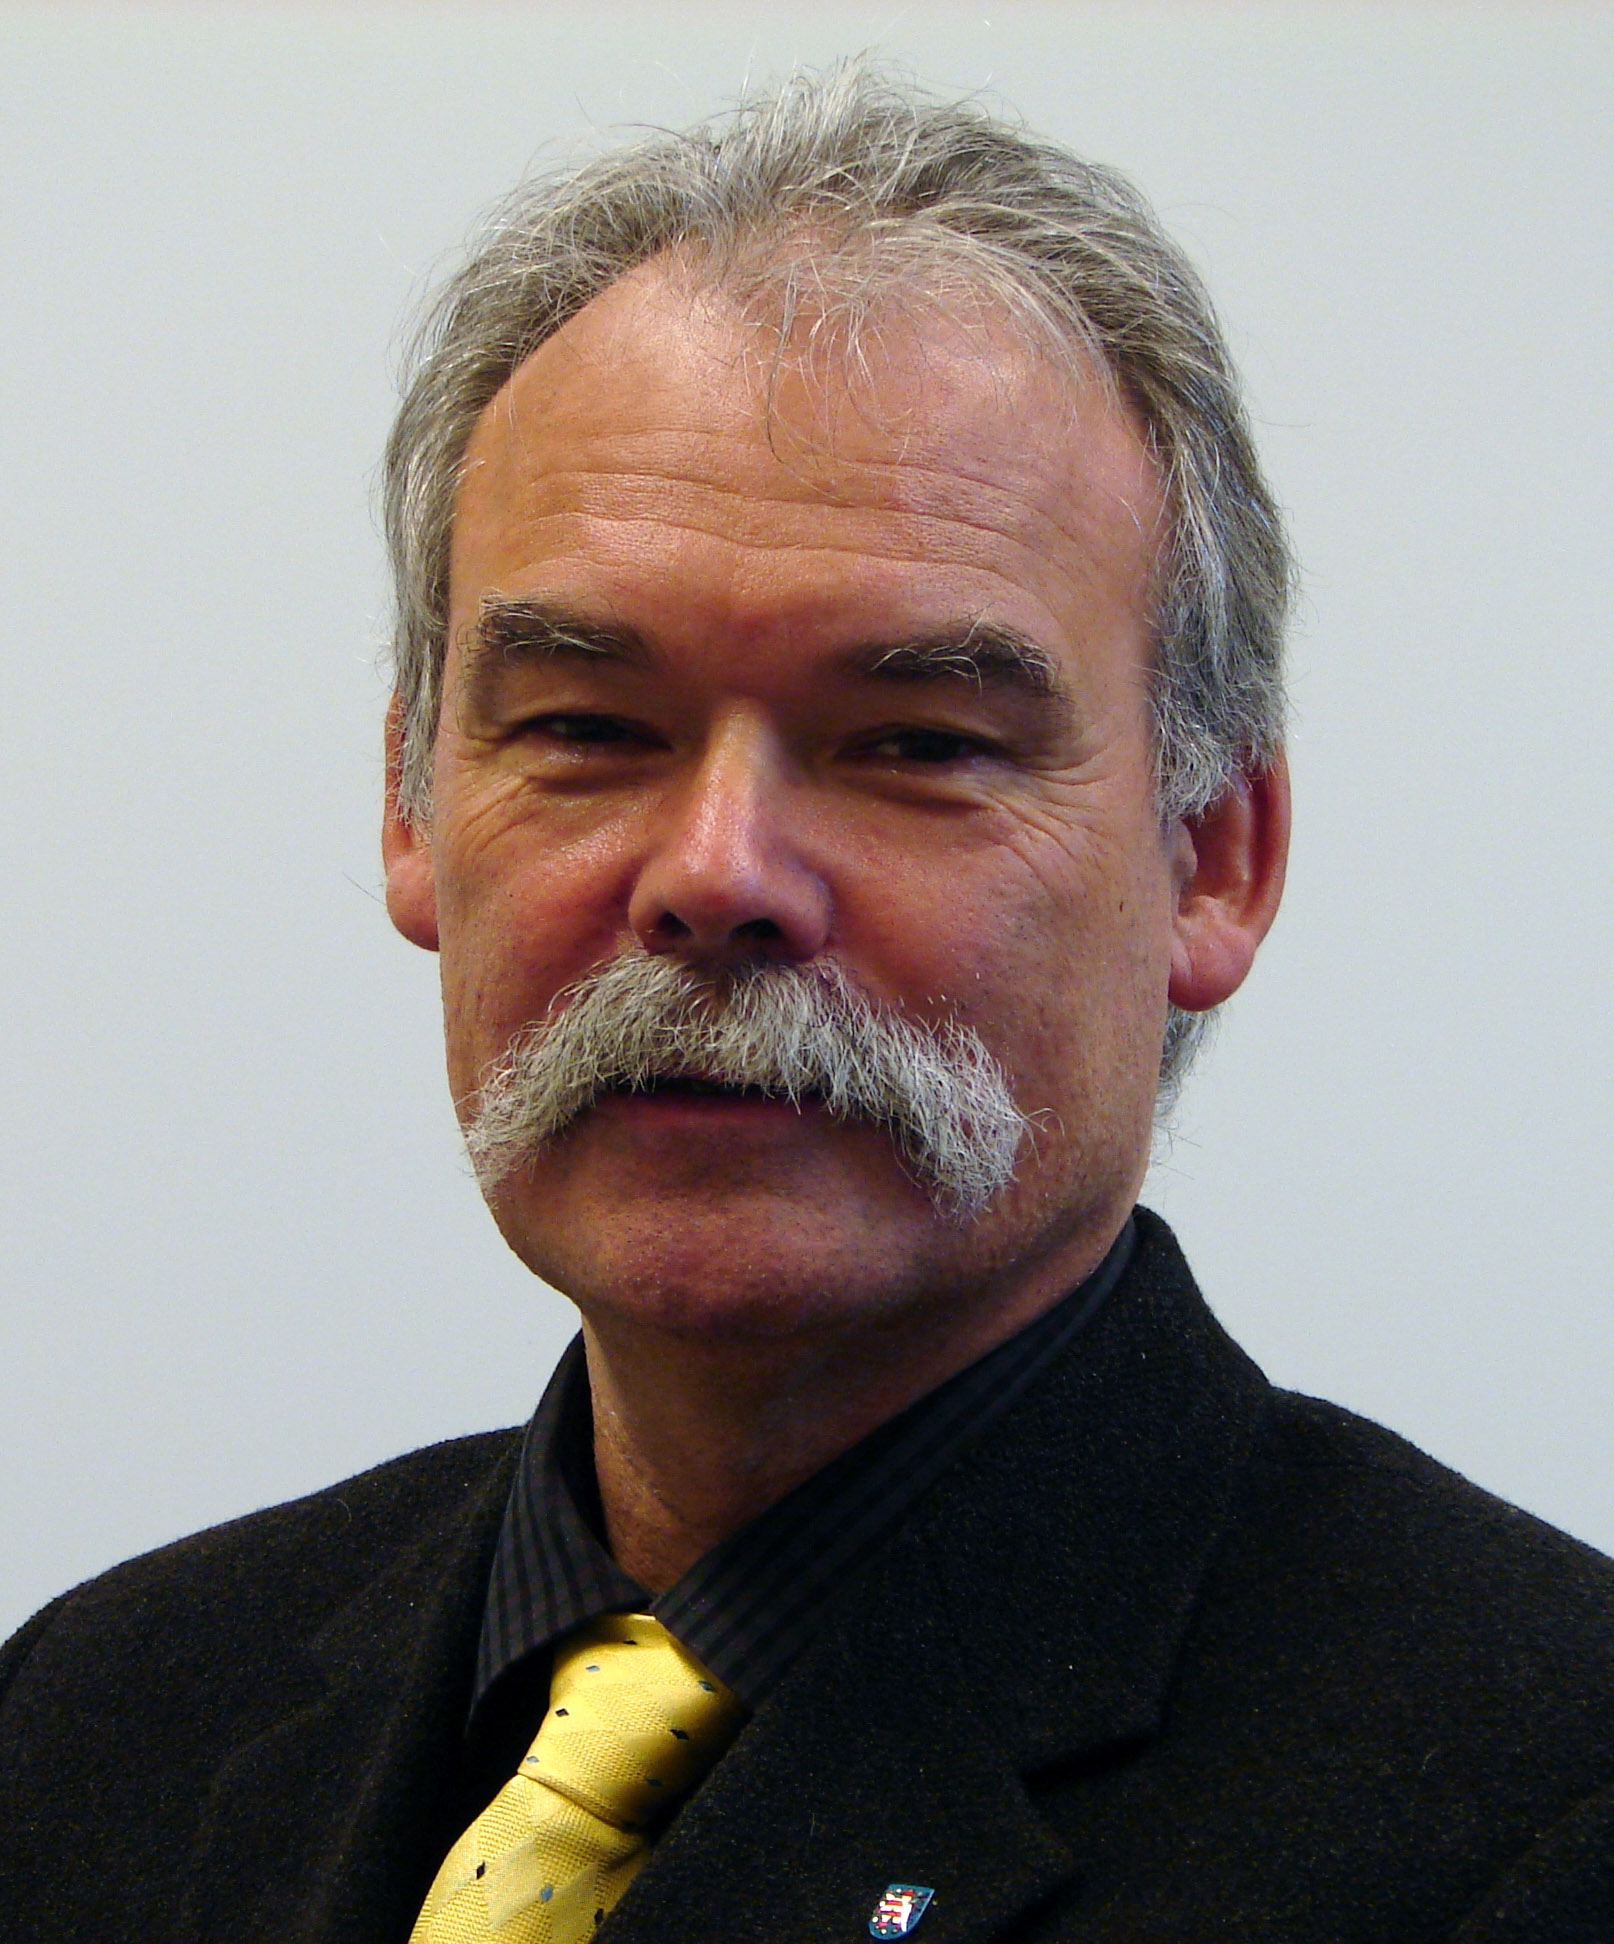 Sucht neue Mitstreiter: Herbert Rudovsky